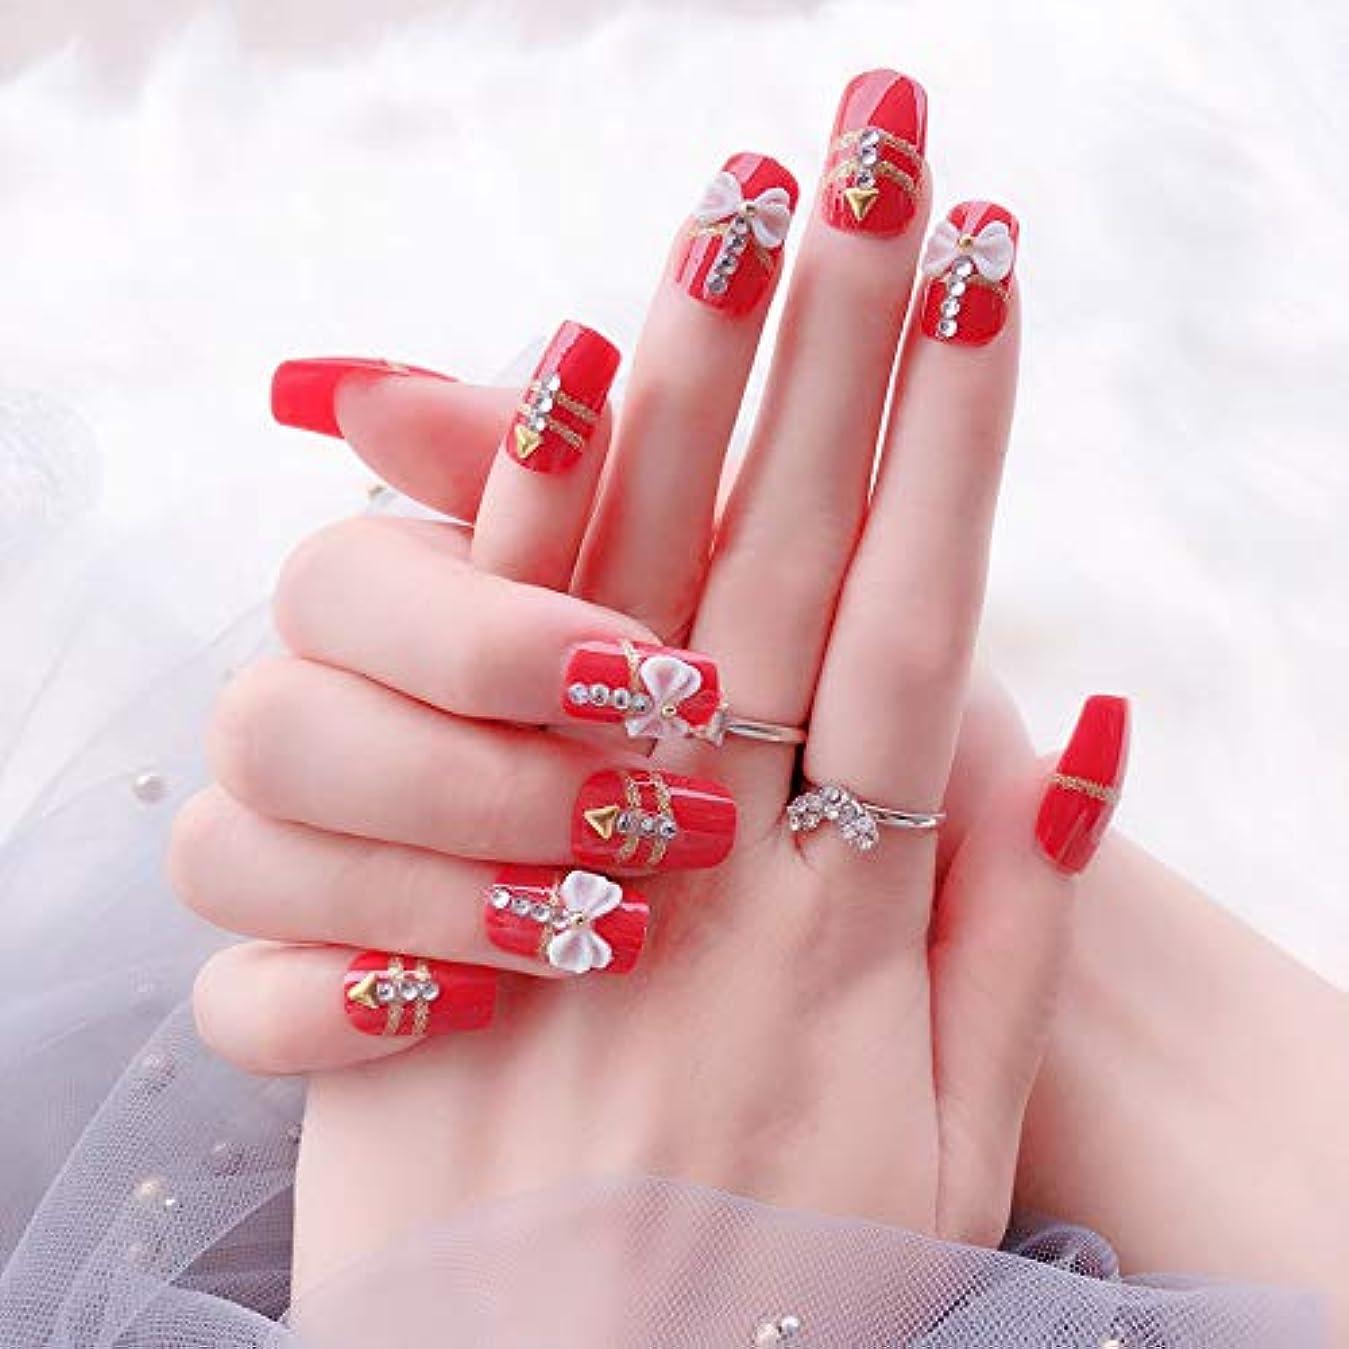 インストール春マーティフィールディング花嫁ネイル 手作りネイルチップ 和装 ネイル 24枚入 結婚式、パーティー、二次会など 可愛い優雅ネイル 蝶の飾り付け (レッド)